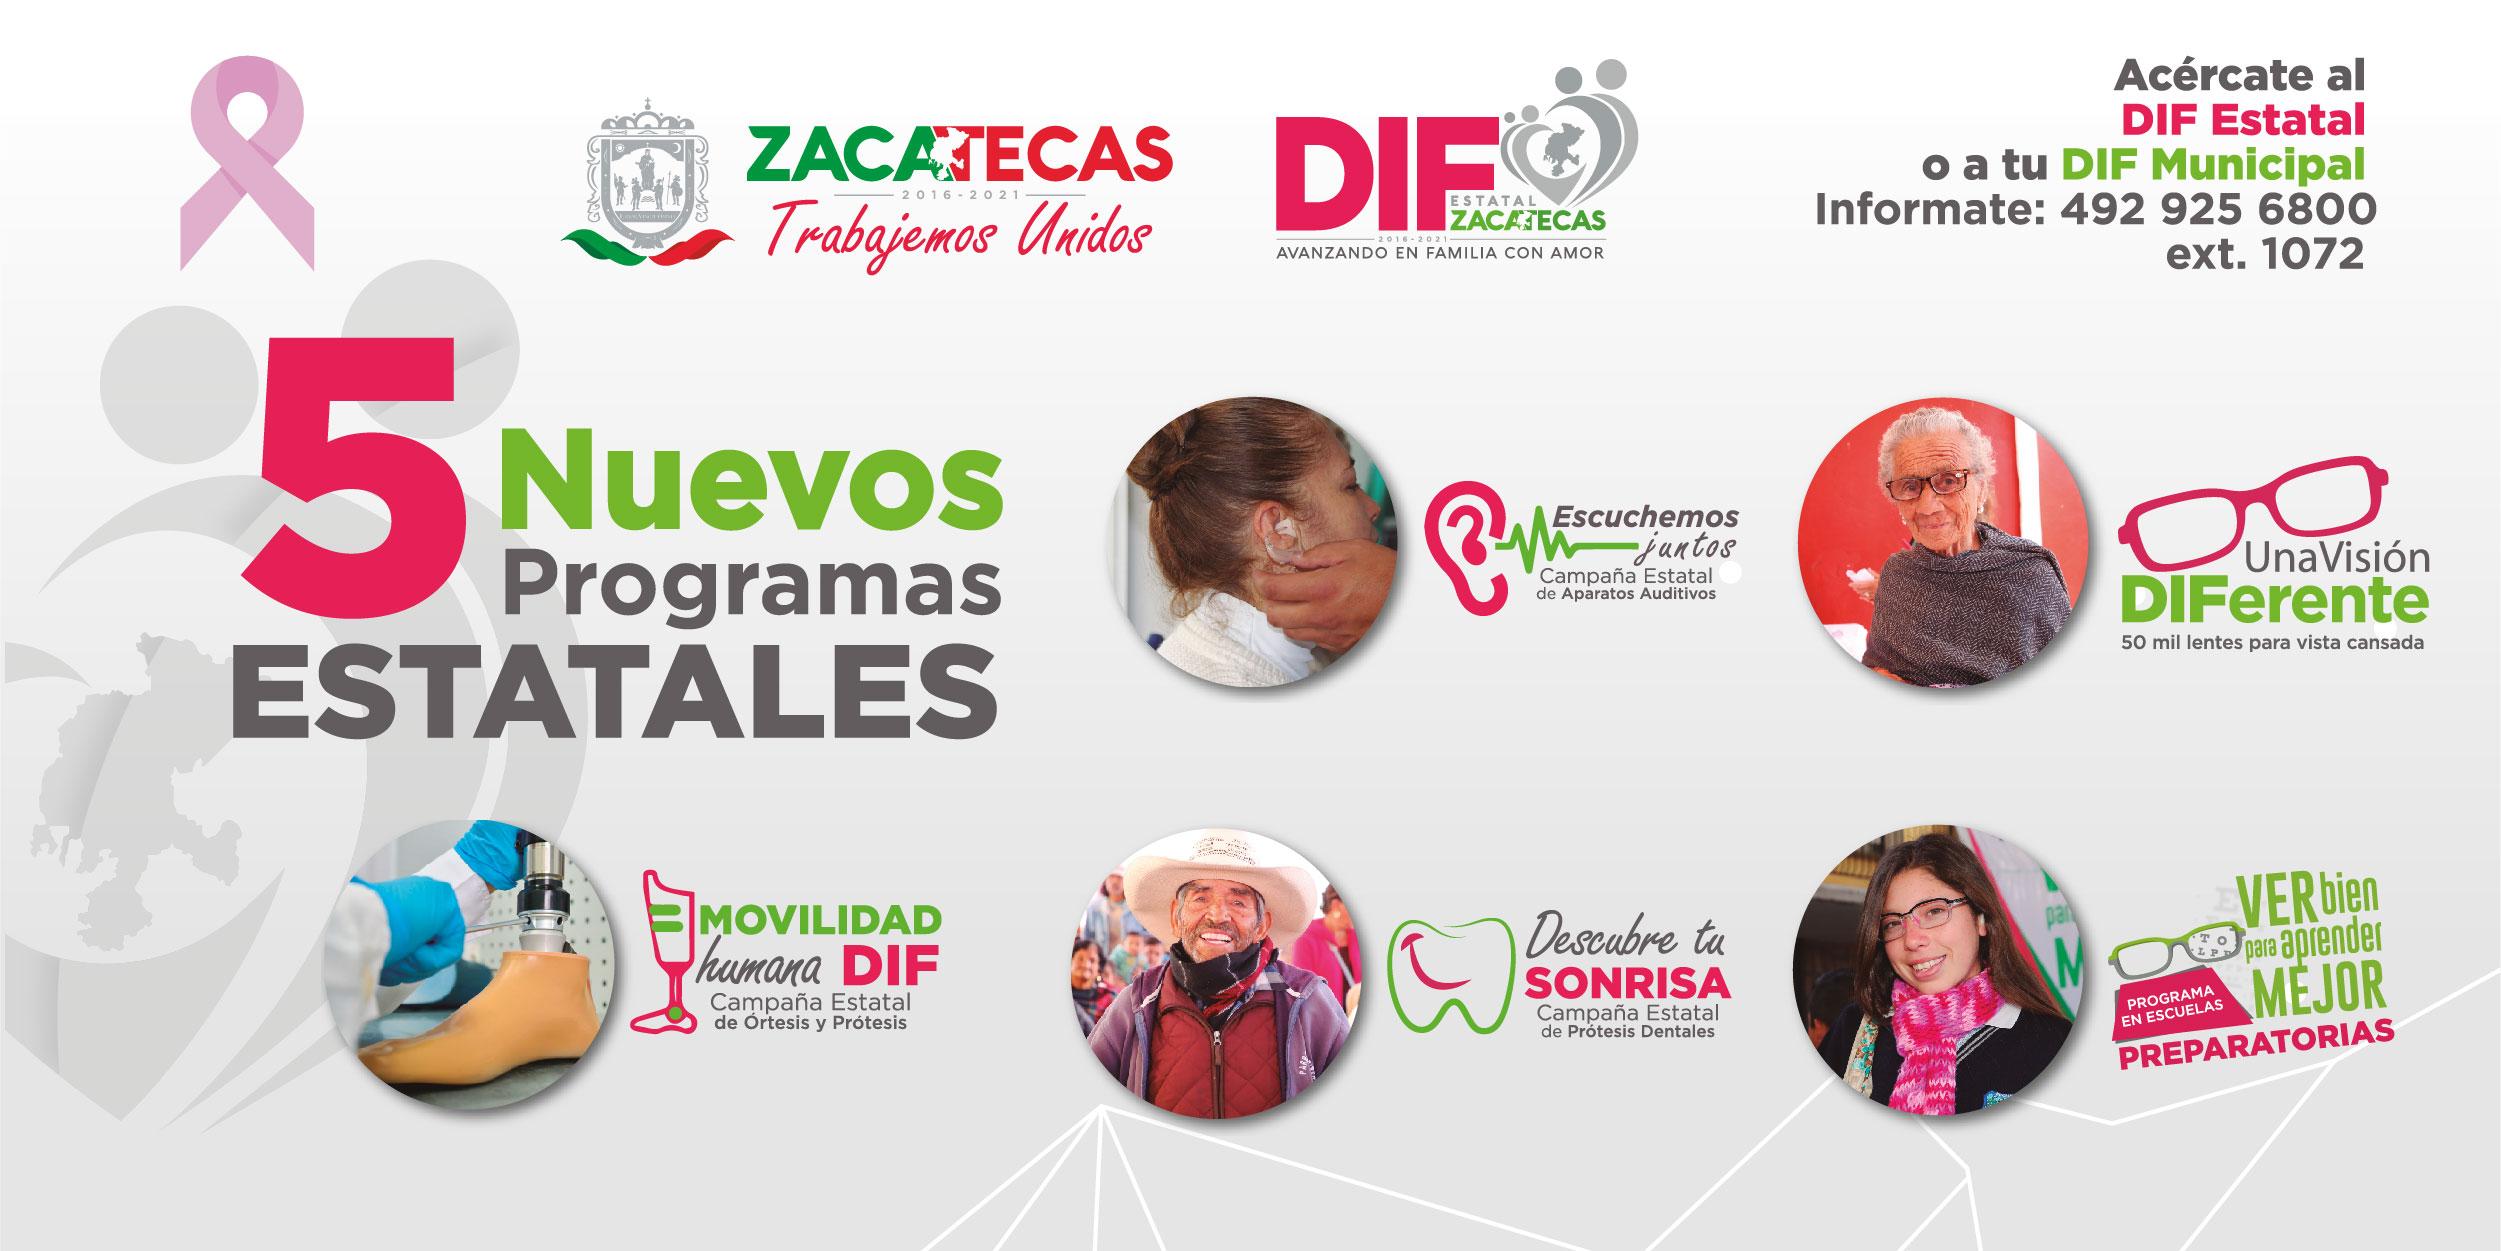 https://dif.zacatecas.gob.mx/